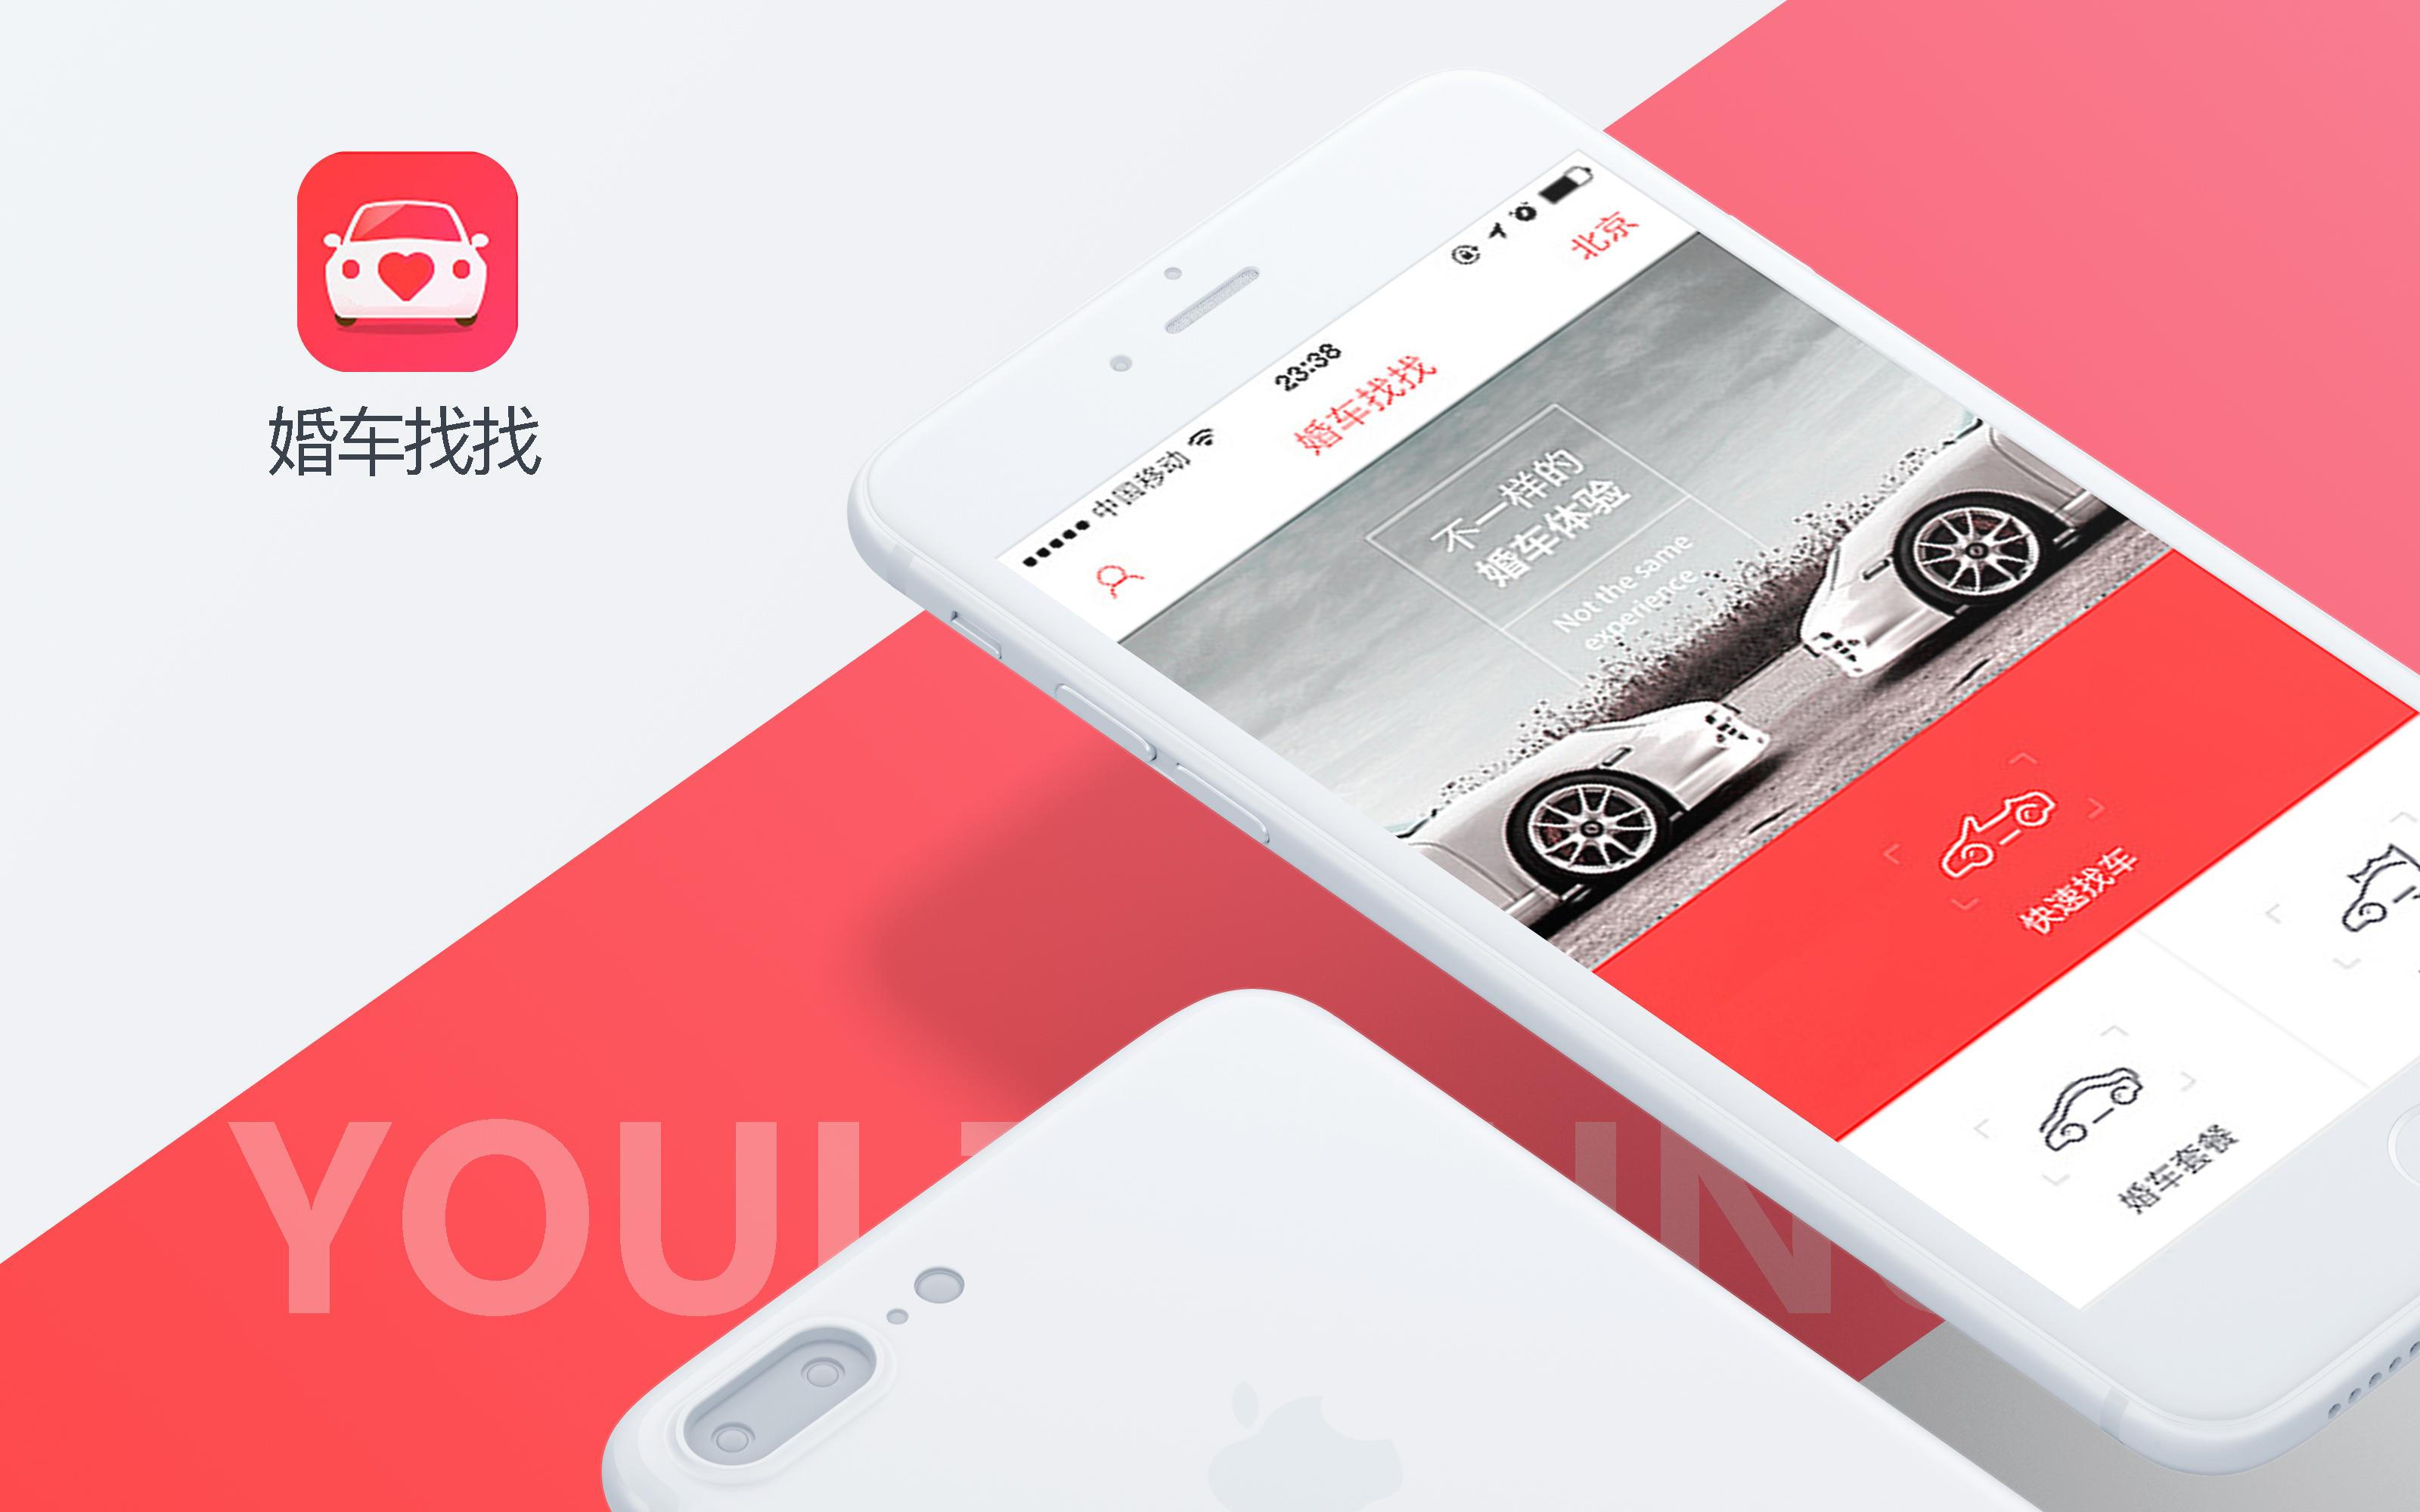 网约车APP开发神州专车共享汽车专车应用app开发